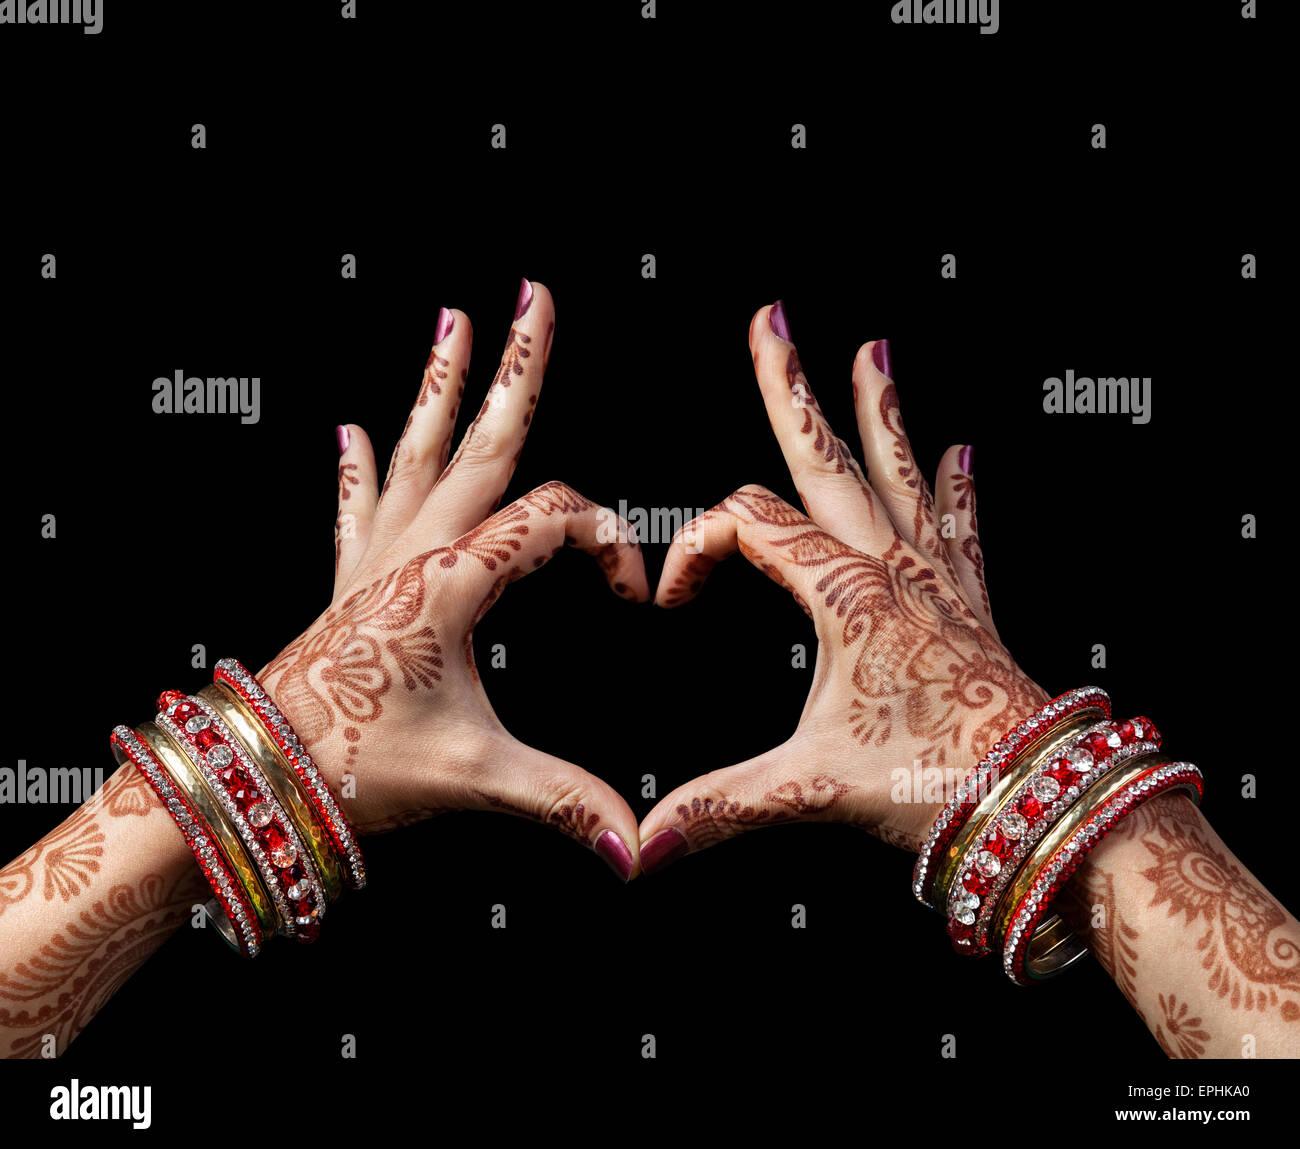 Mujer de manos con henna haciendo gestos de corazón aislado sobre fondo negro con trazado de recorte Imagen De Stock